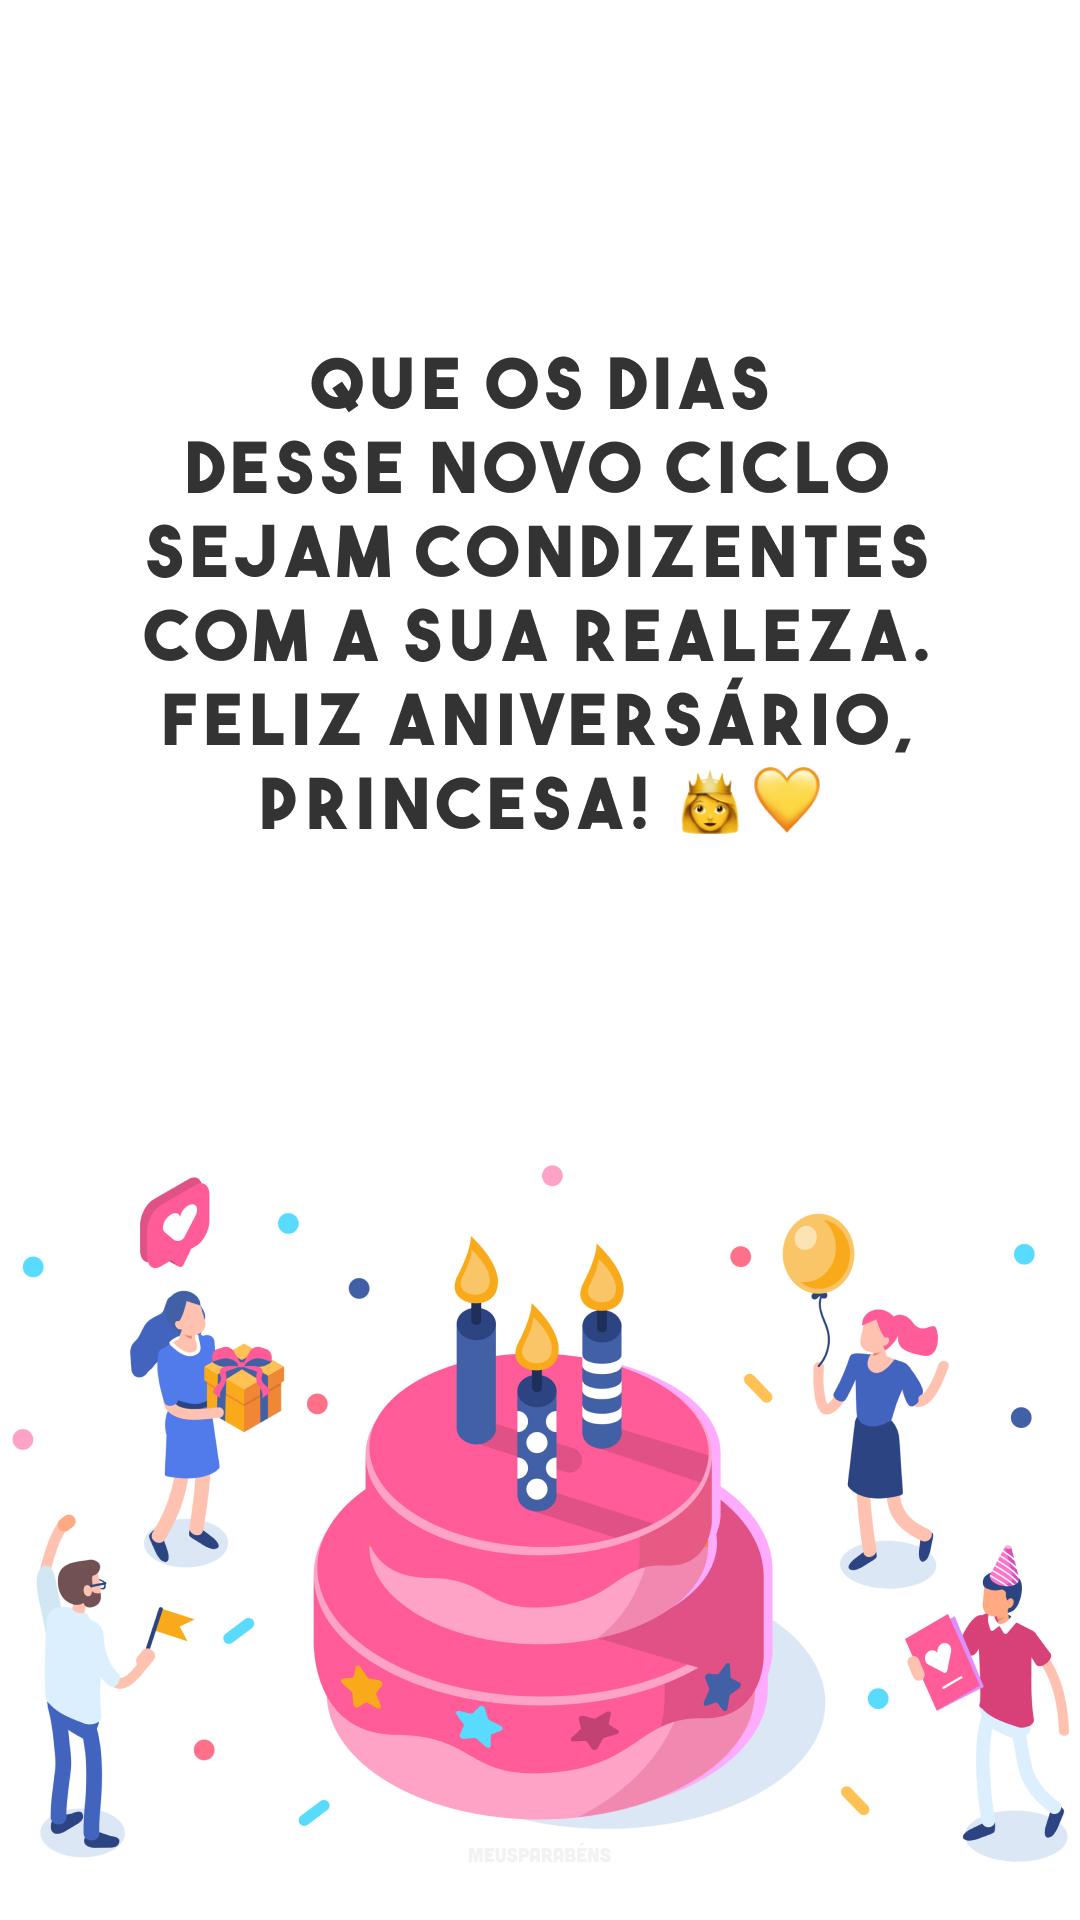 Que os dias desse novo ciclo sejam condizentes com a sua realeza. Feliz aniversário, princesa! 👸💛